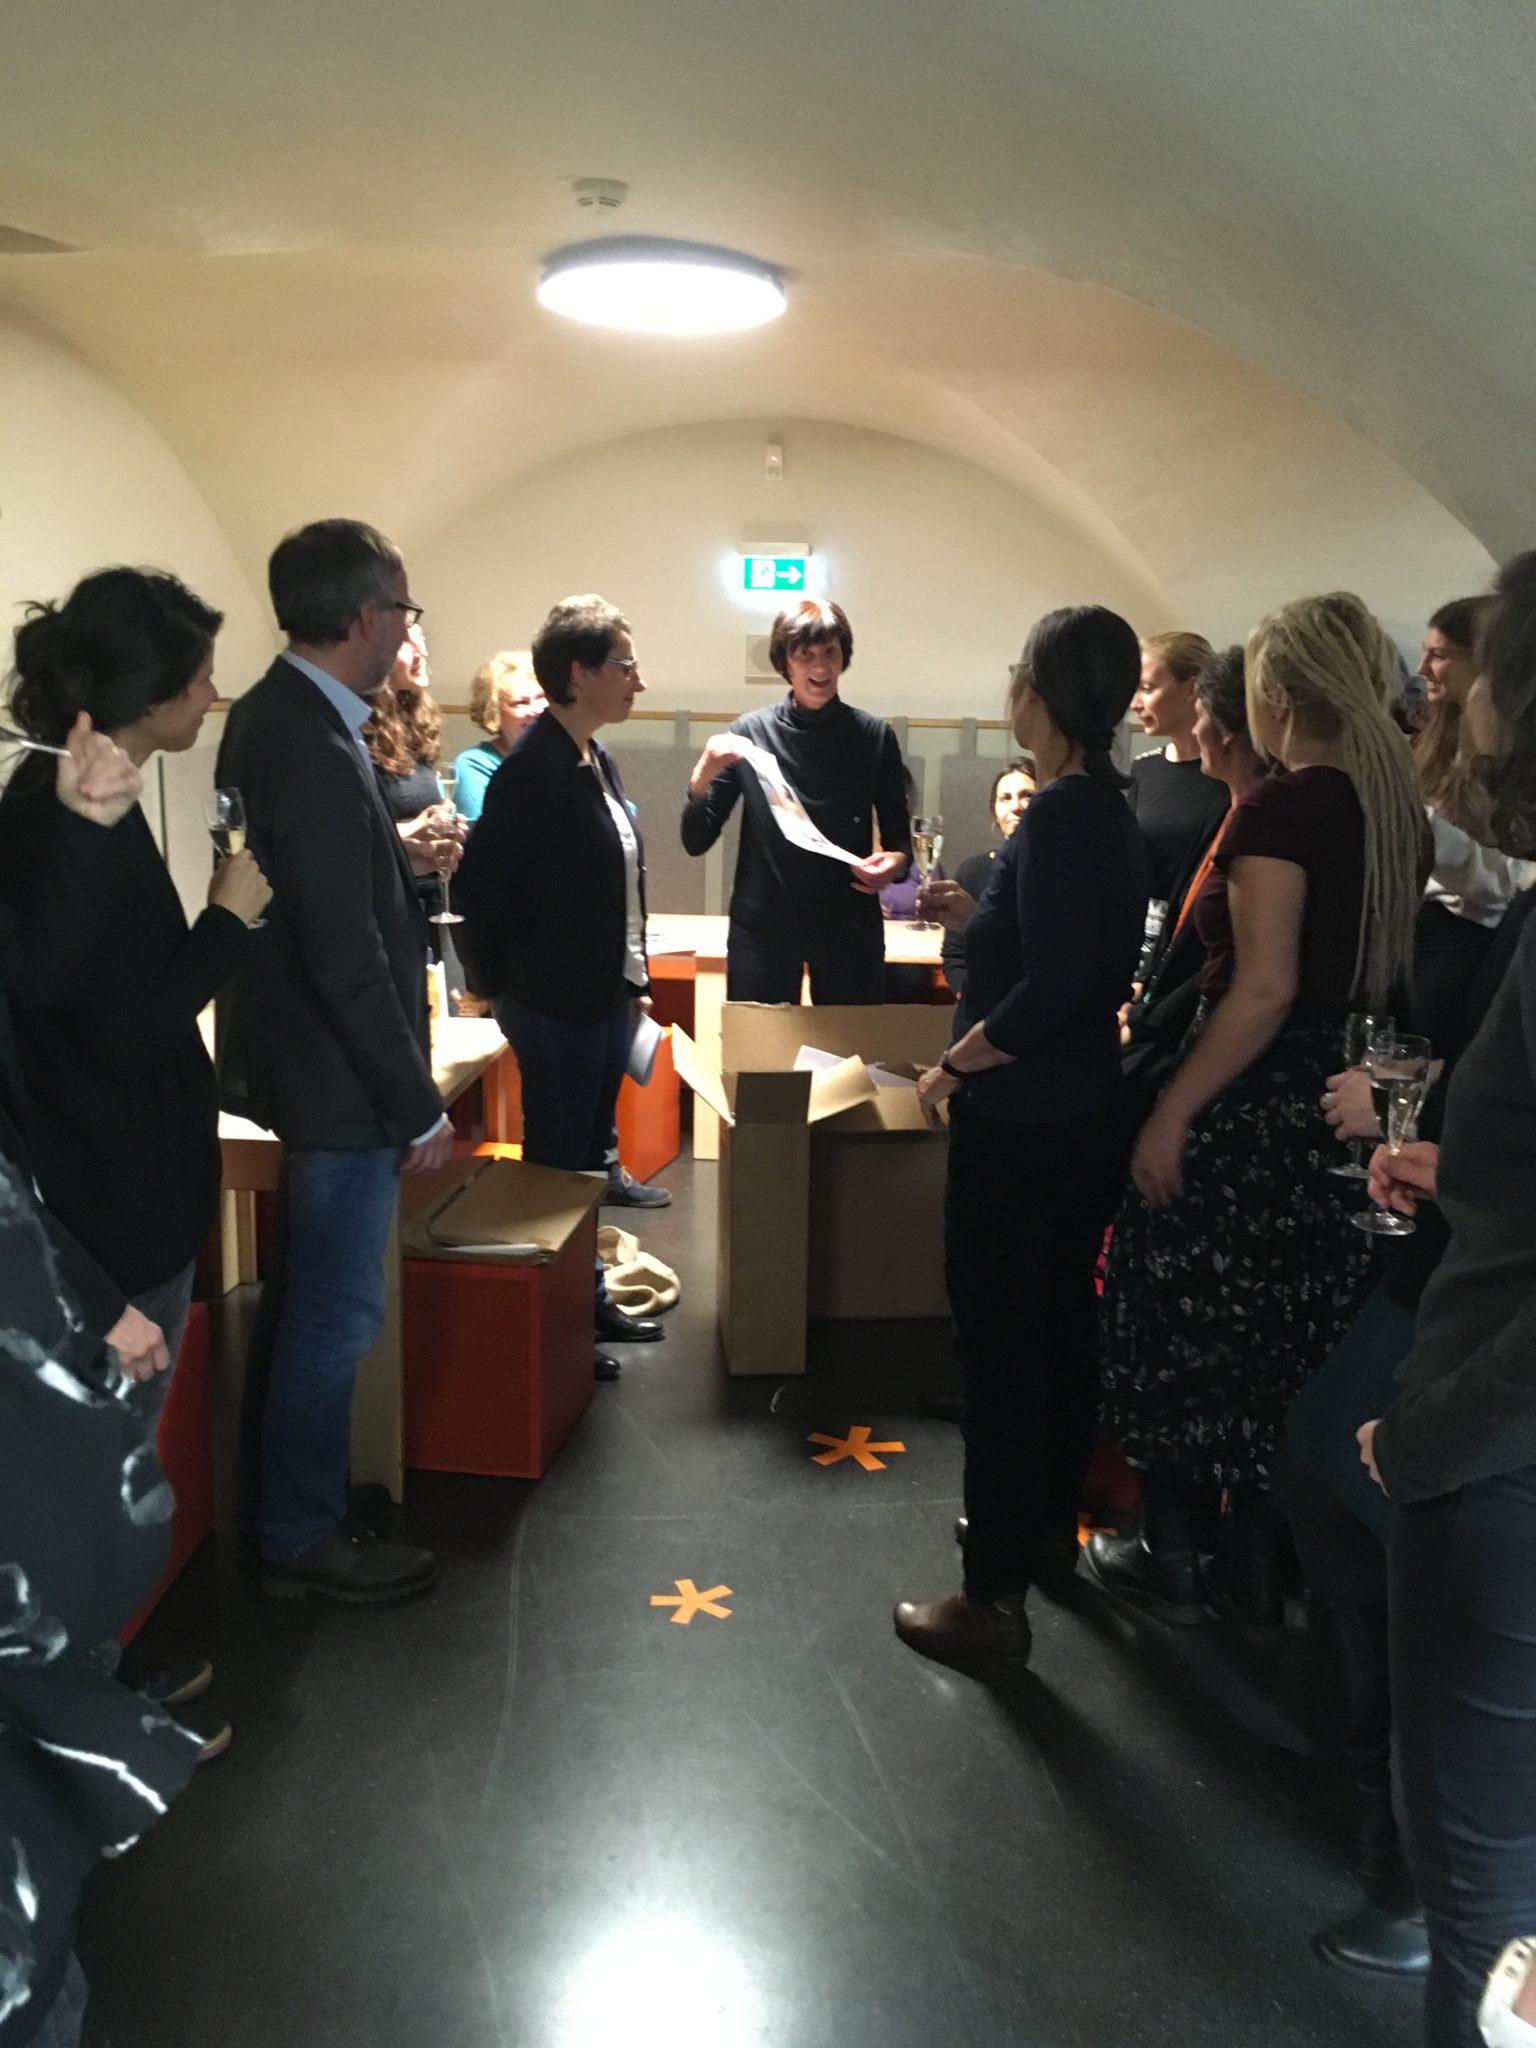 Blick in den Raum mit vielen Kolleginnen